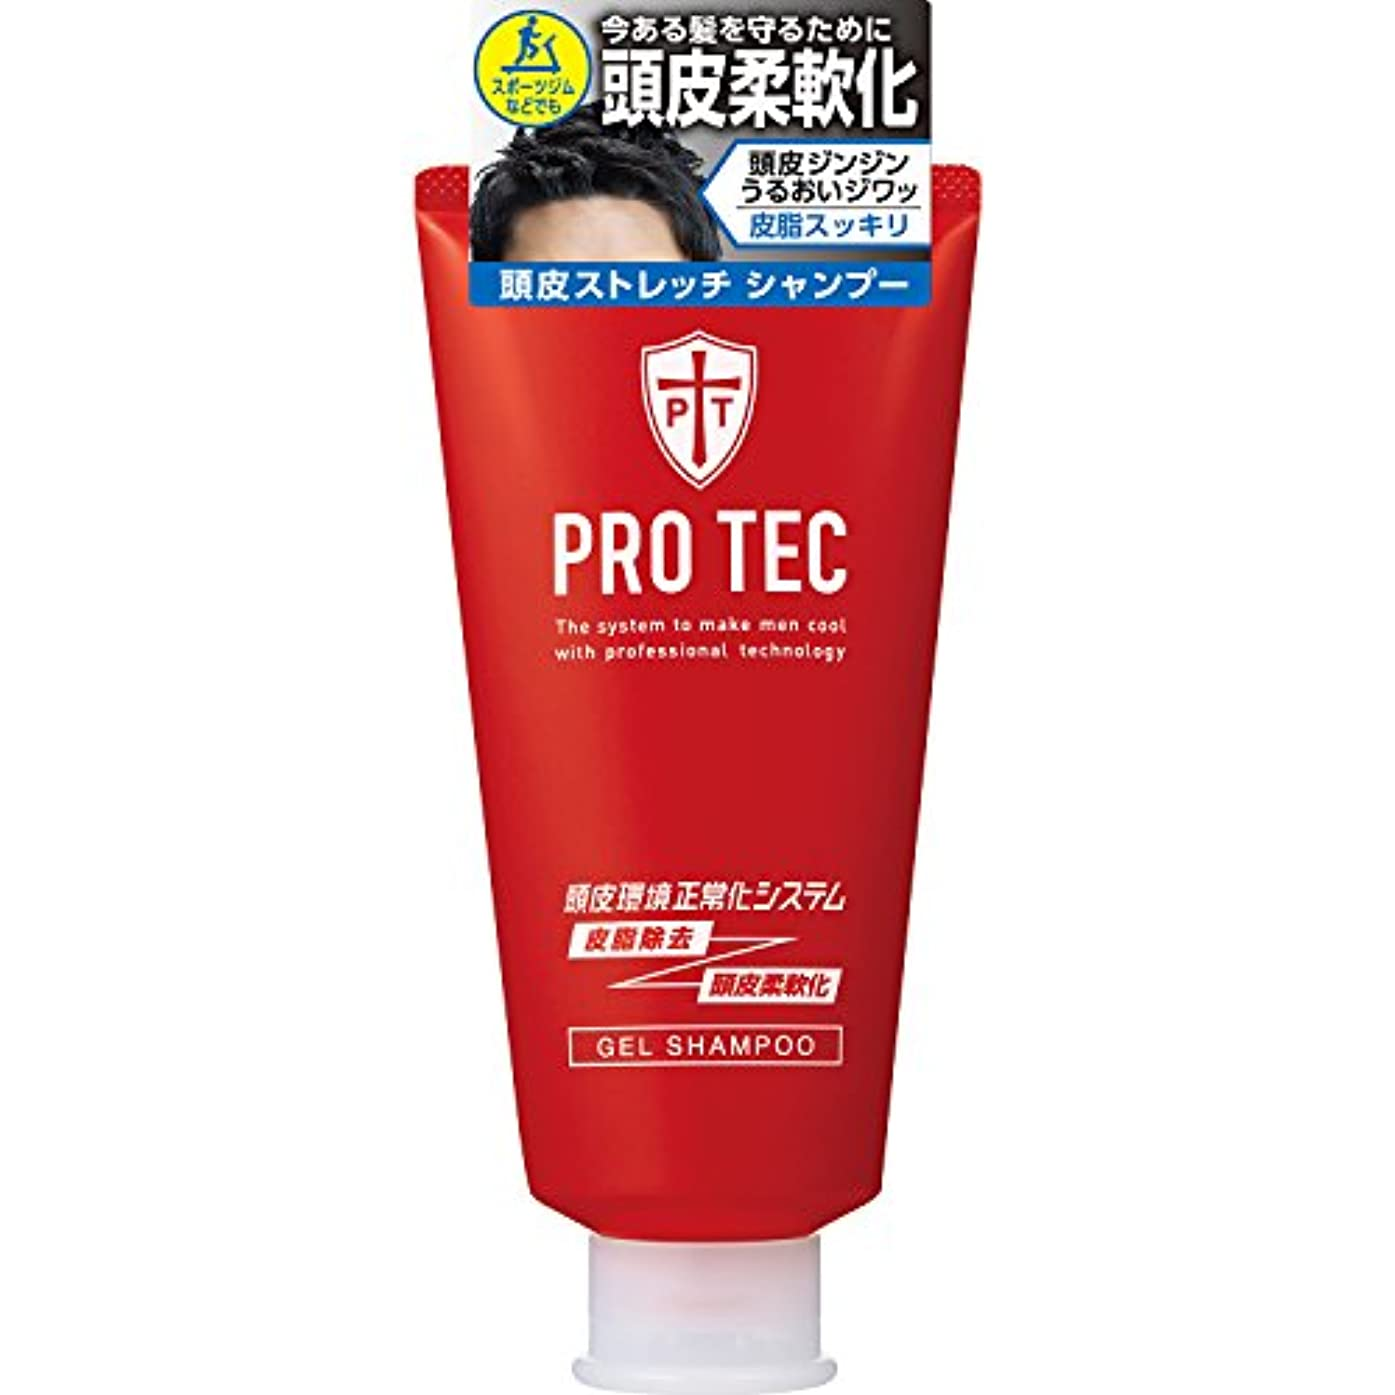 行商ジム日光PRO TEC(プロテク) 頭皮ストレッチ シャンプー チューブ 150g(医薬部外品)